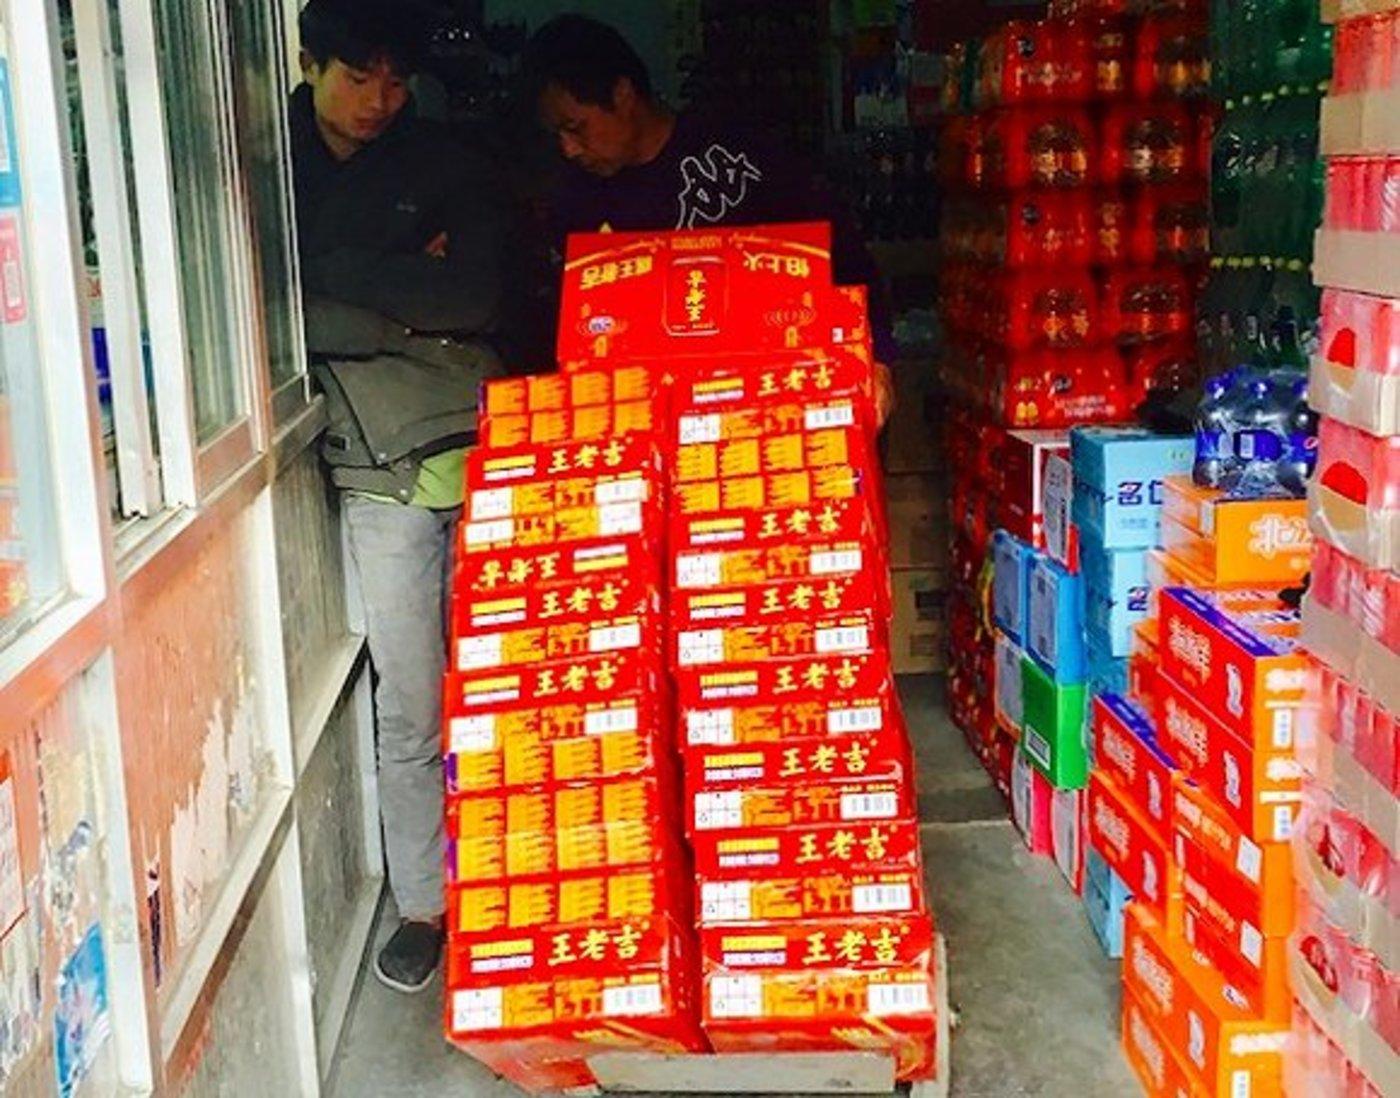 2018年10月,北京新发地批发市场正在上货王老吉的商家。摄影:赵晓娟